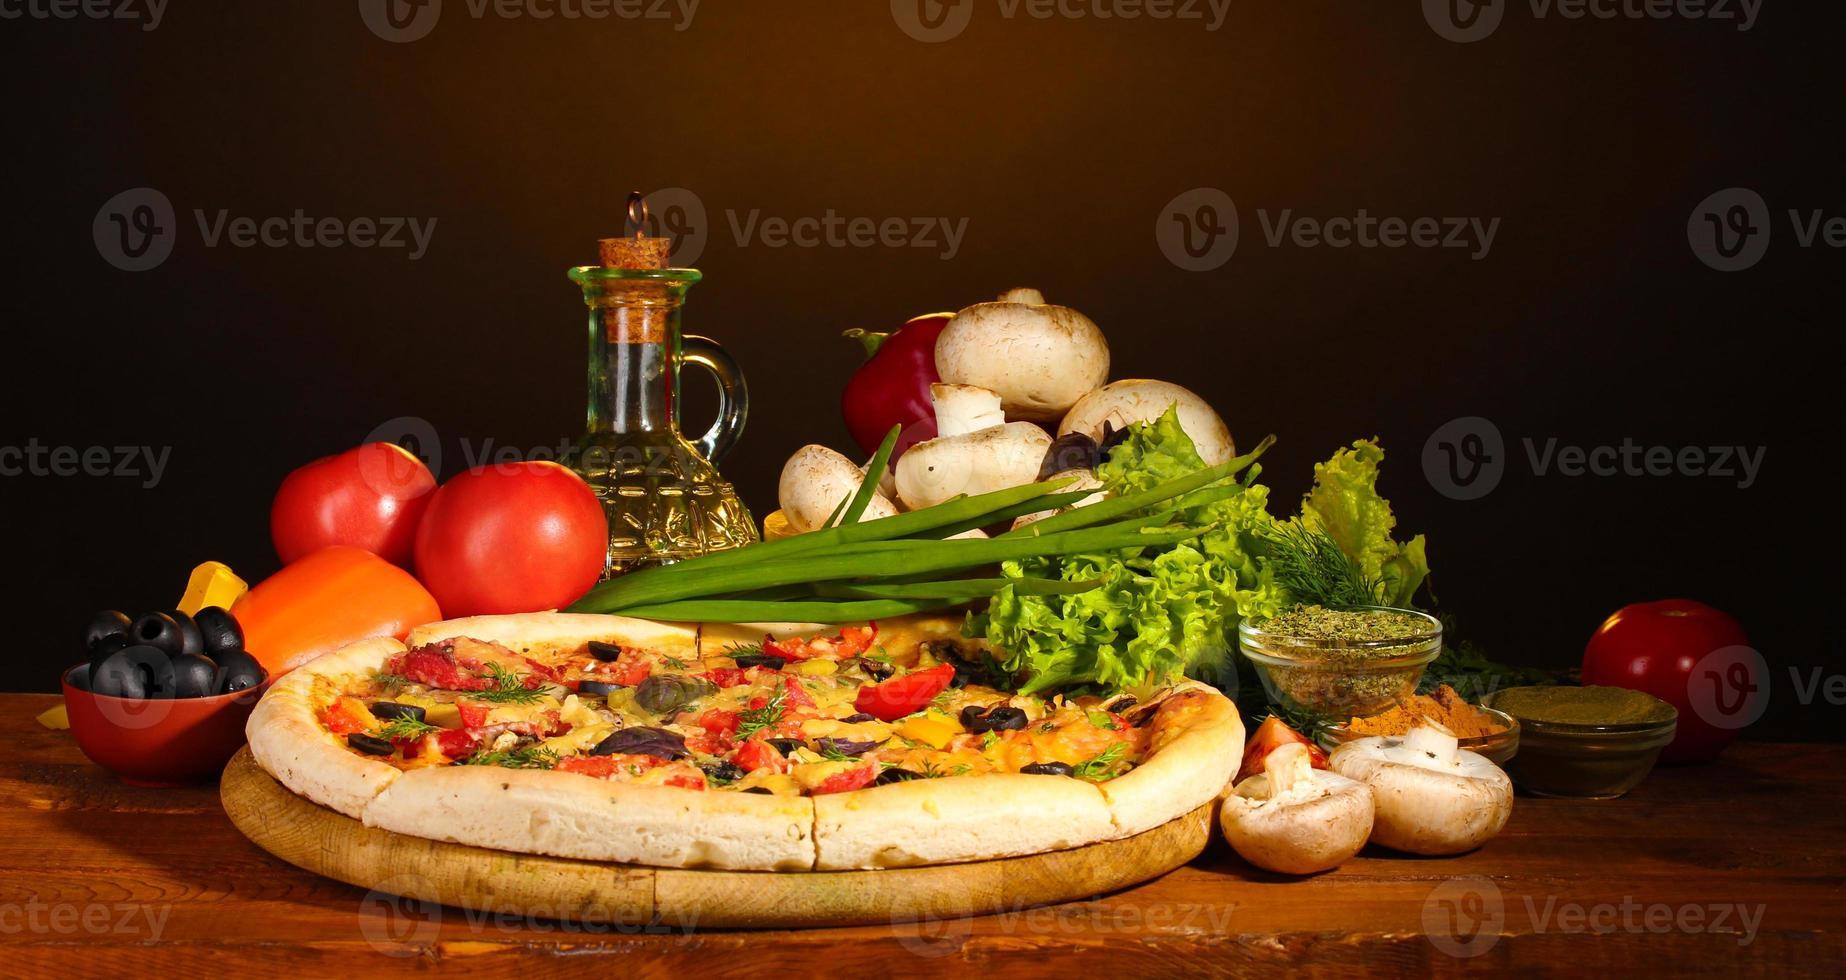 läcker pizzadeg, kryddor och grönsaker på träbord foto